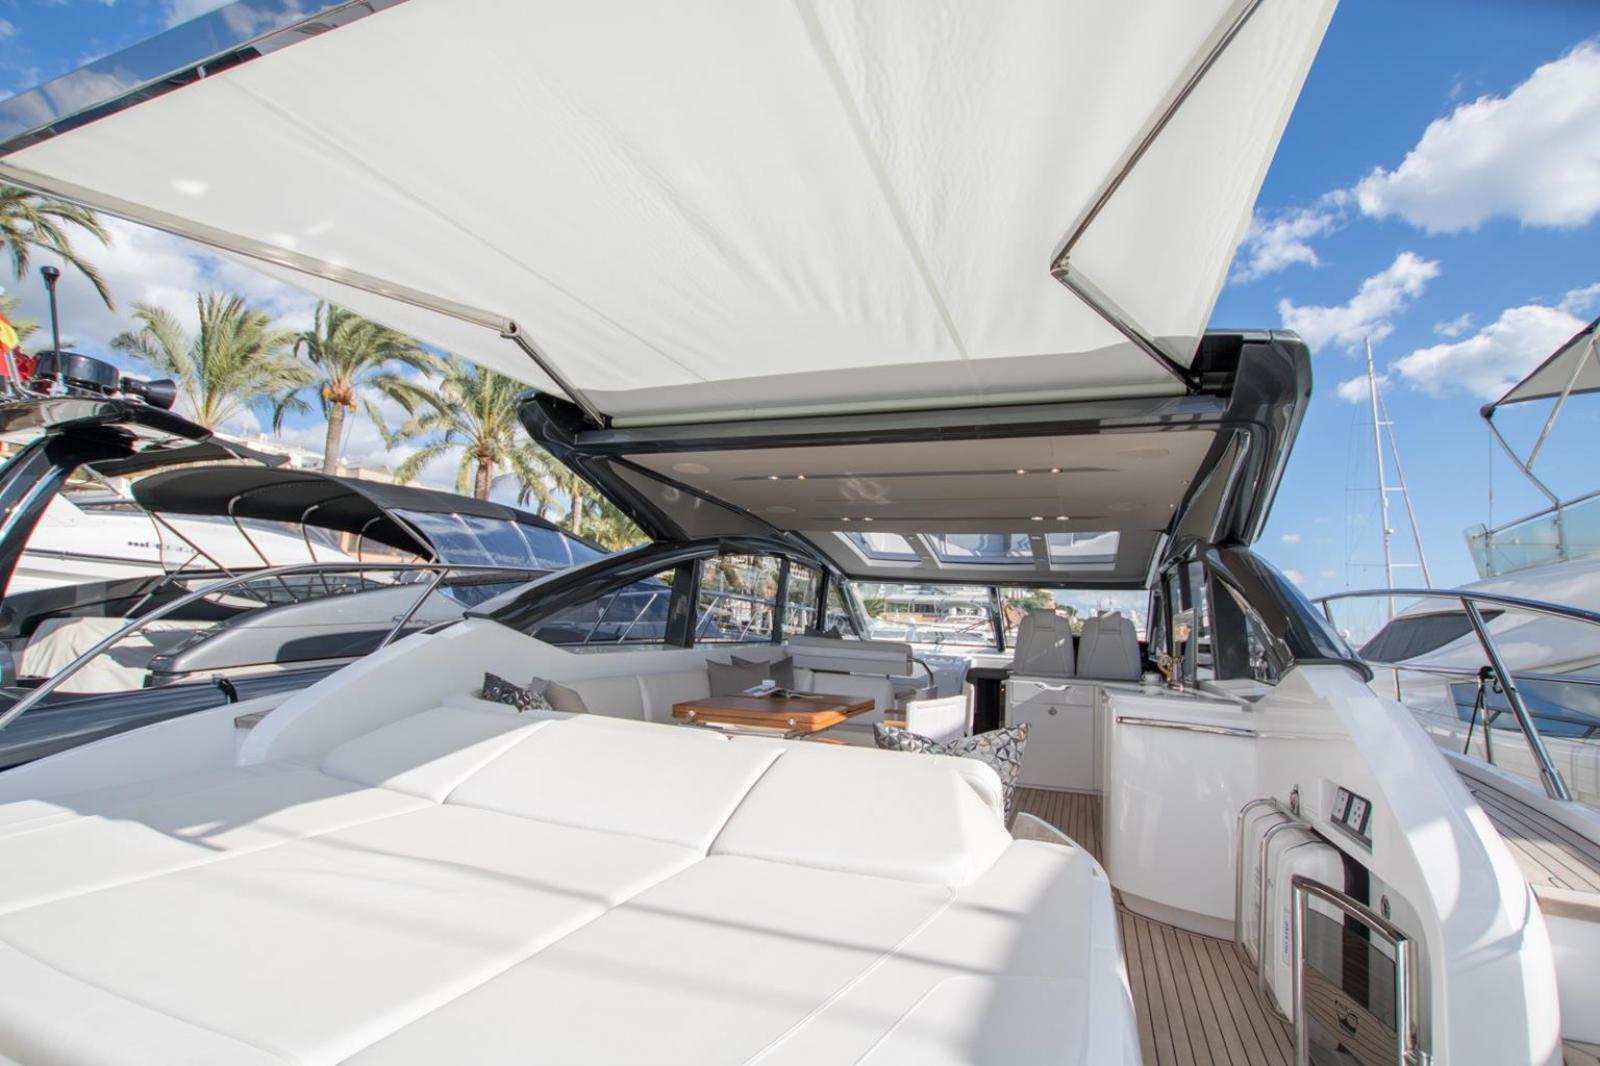 El yate Princess V58 es la última incorporación en la gama V Class, en Ibiza Central Charter le ofrecemos el modelo abierto perfecto para navegar por el Mediterráneo. Nuevo modelo 2017 recién salida del astillero.